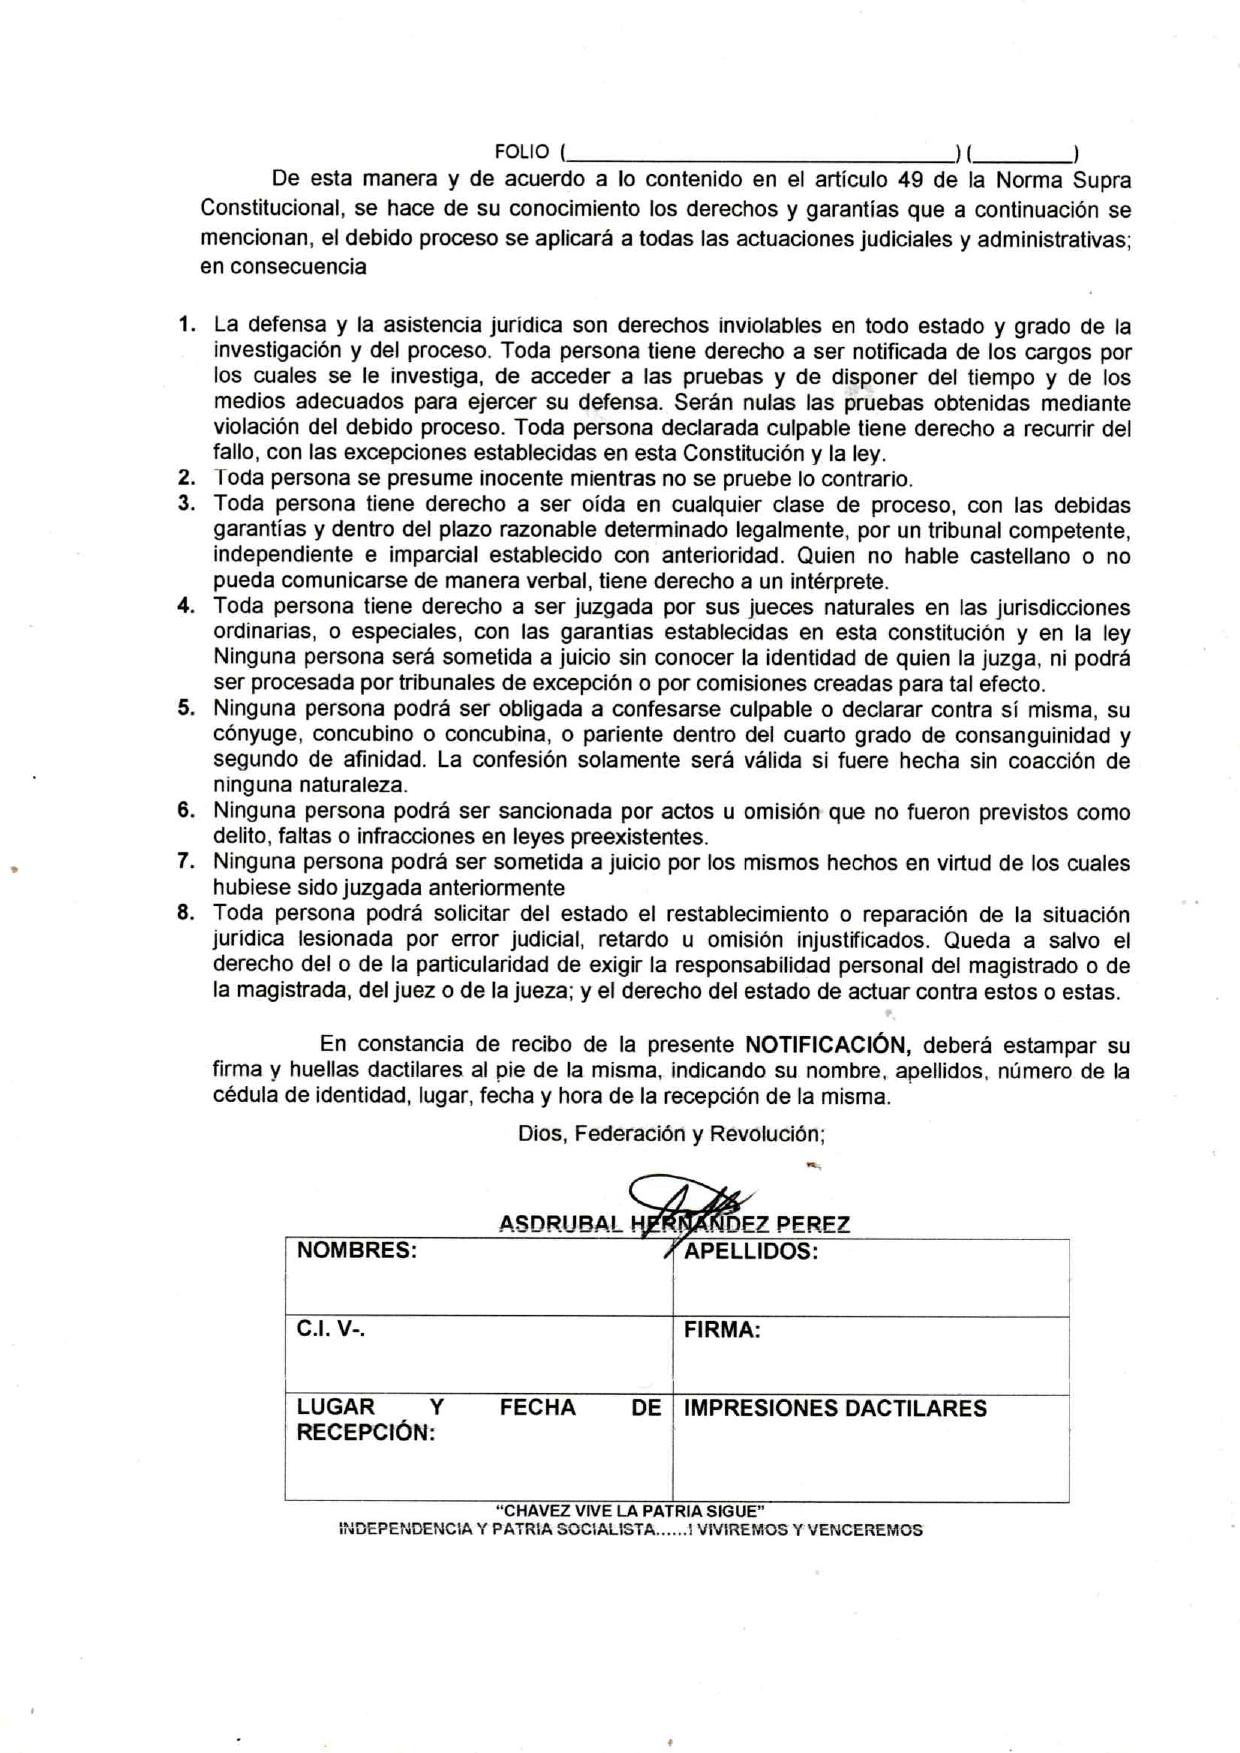 2 PARTE DE NOTIFICACION DE ENCAUSADA_page-0001